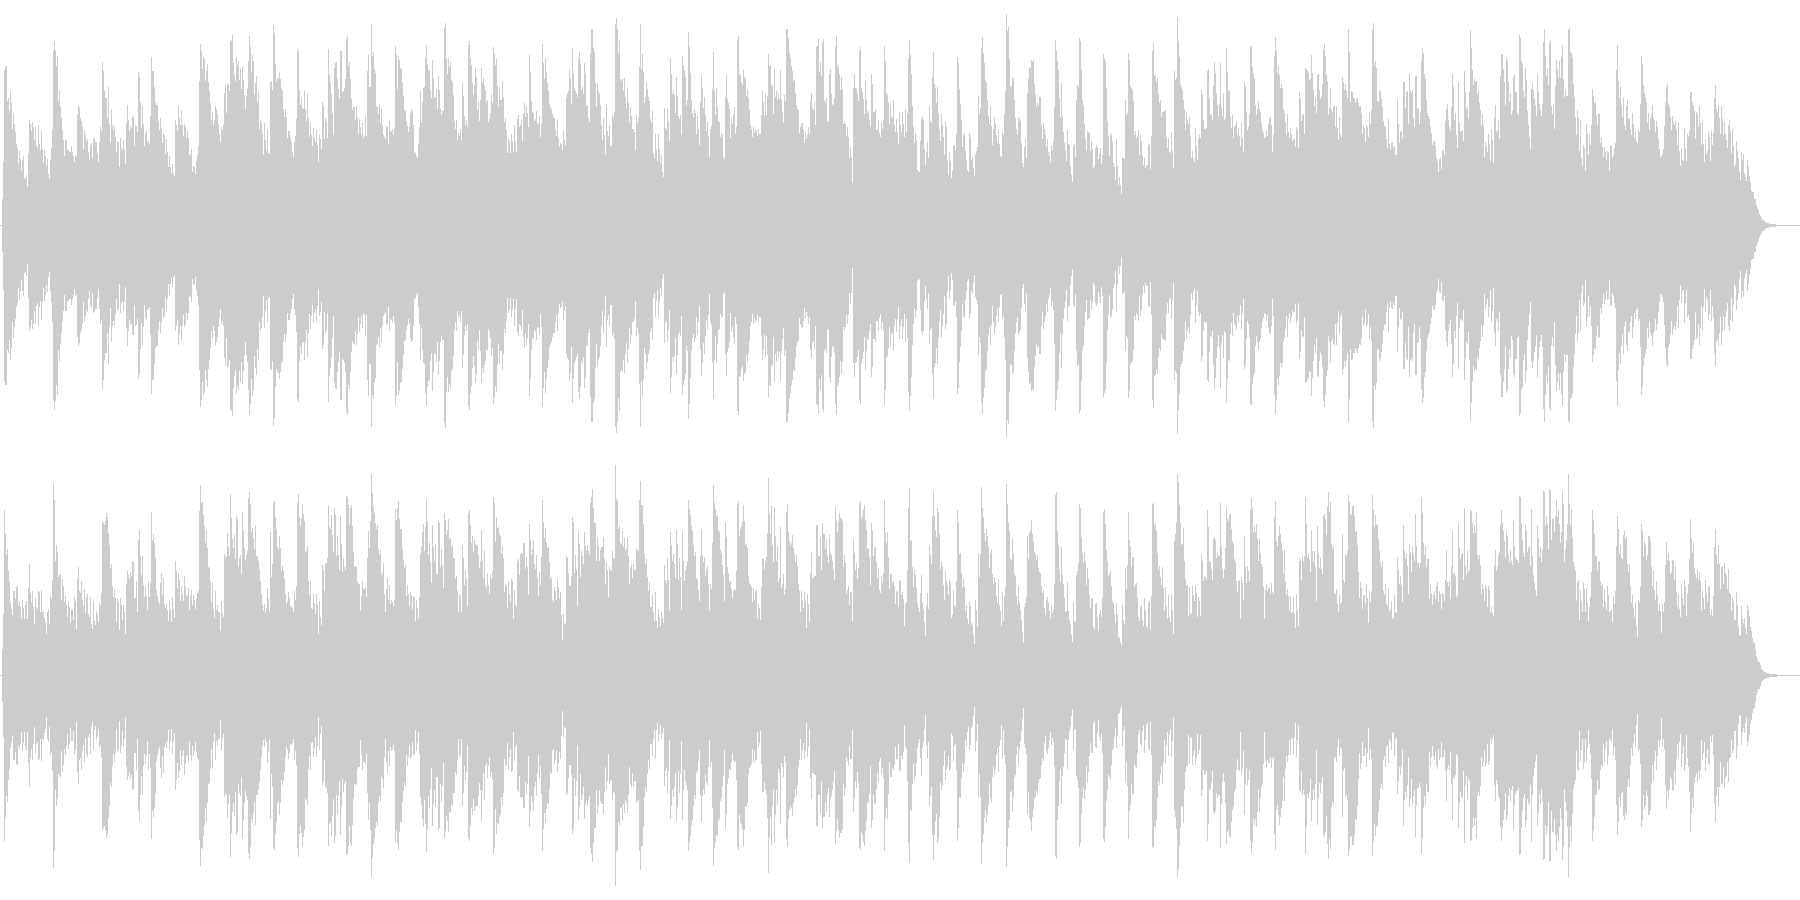 アベマリア(グノー)の未再生の波形